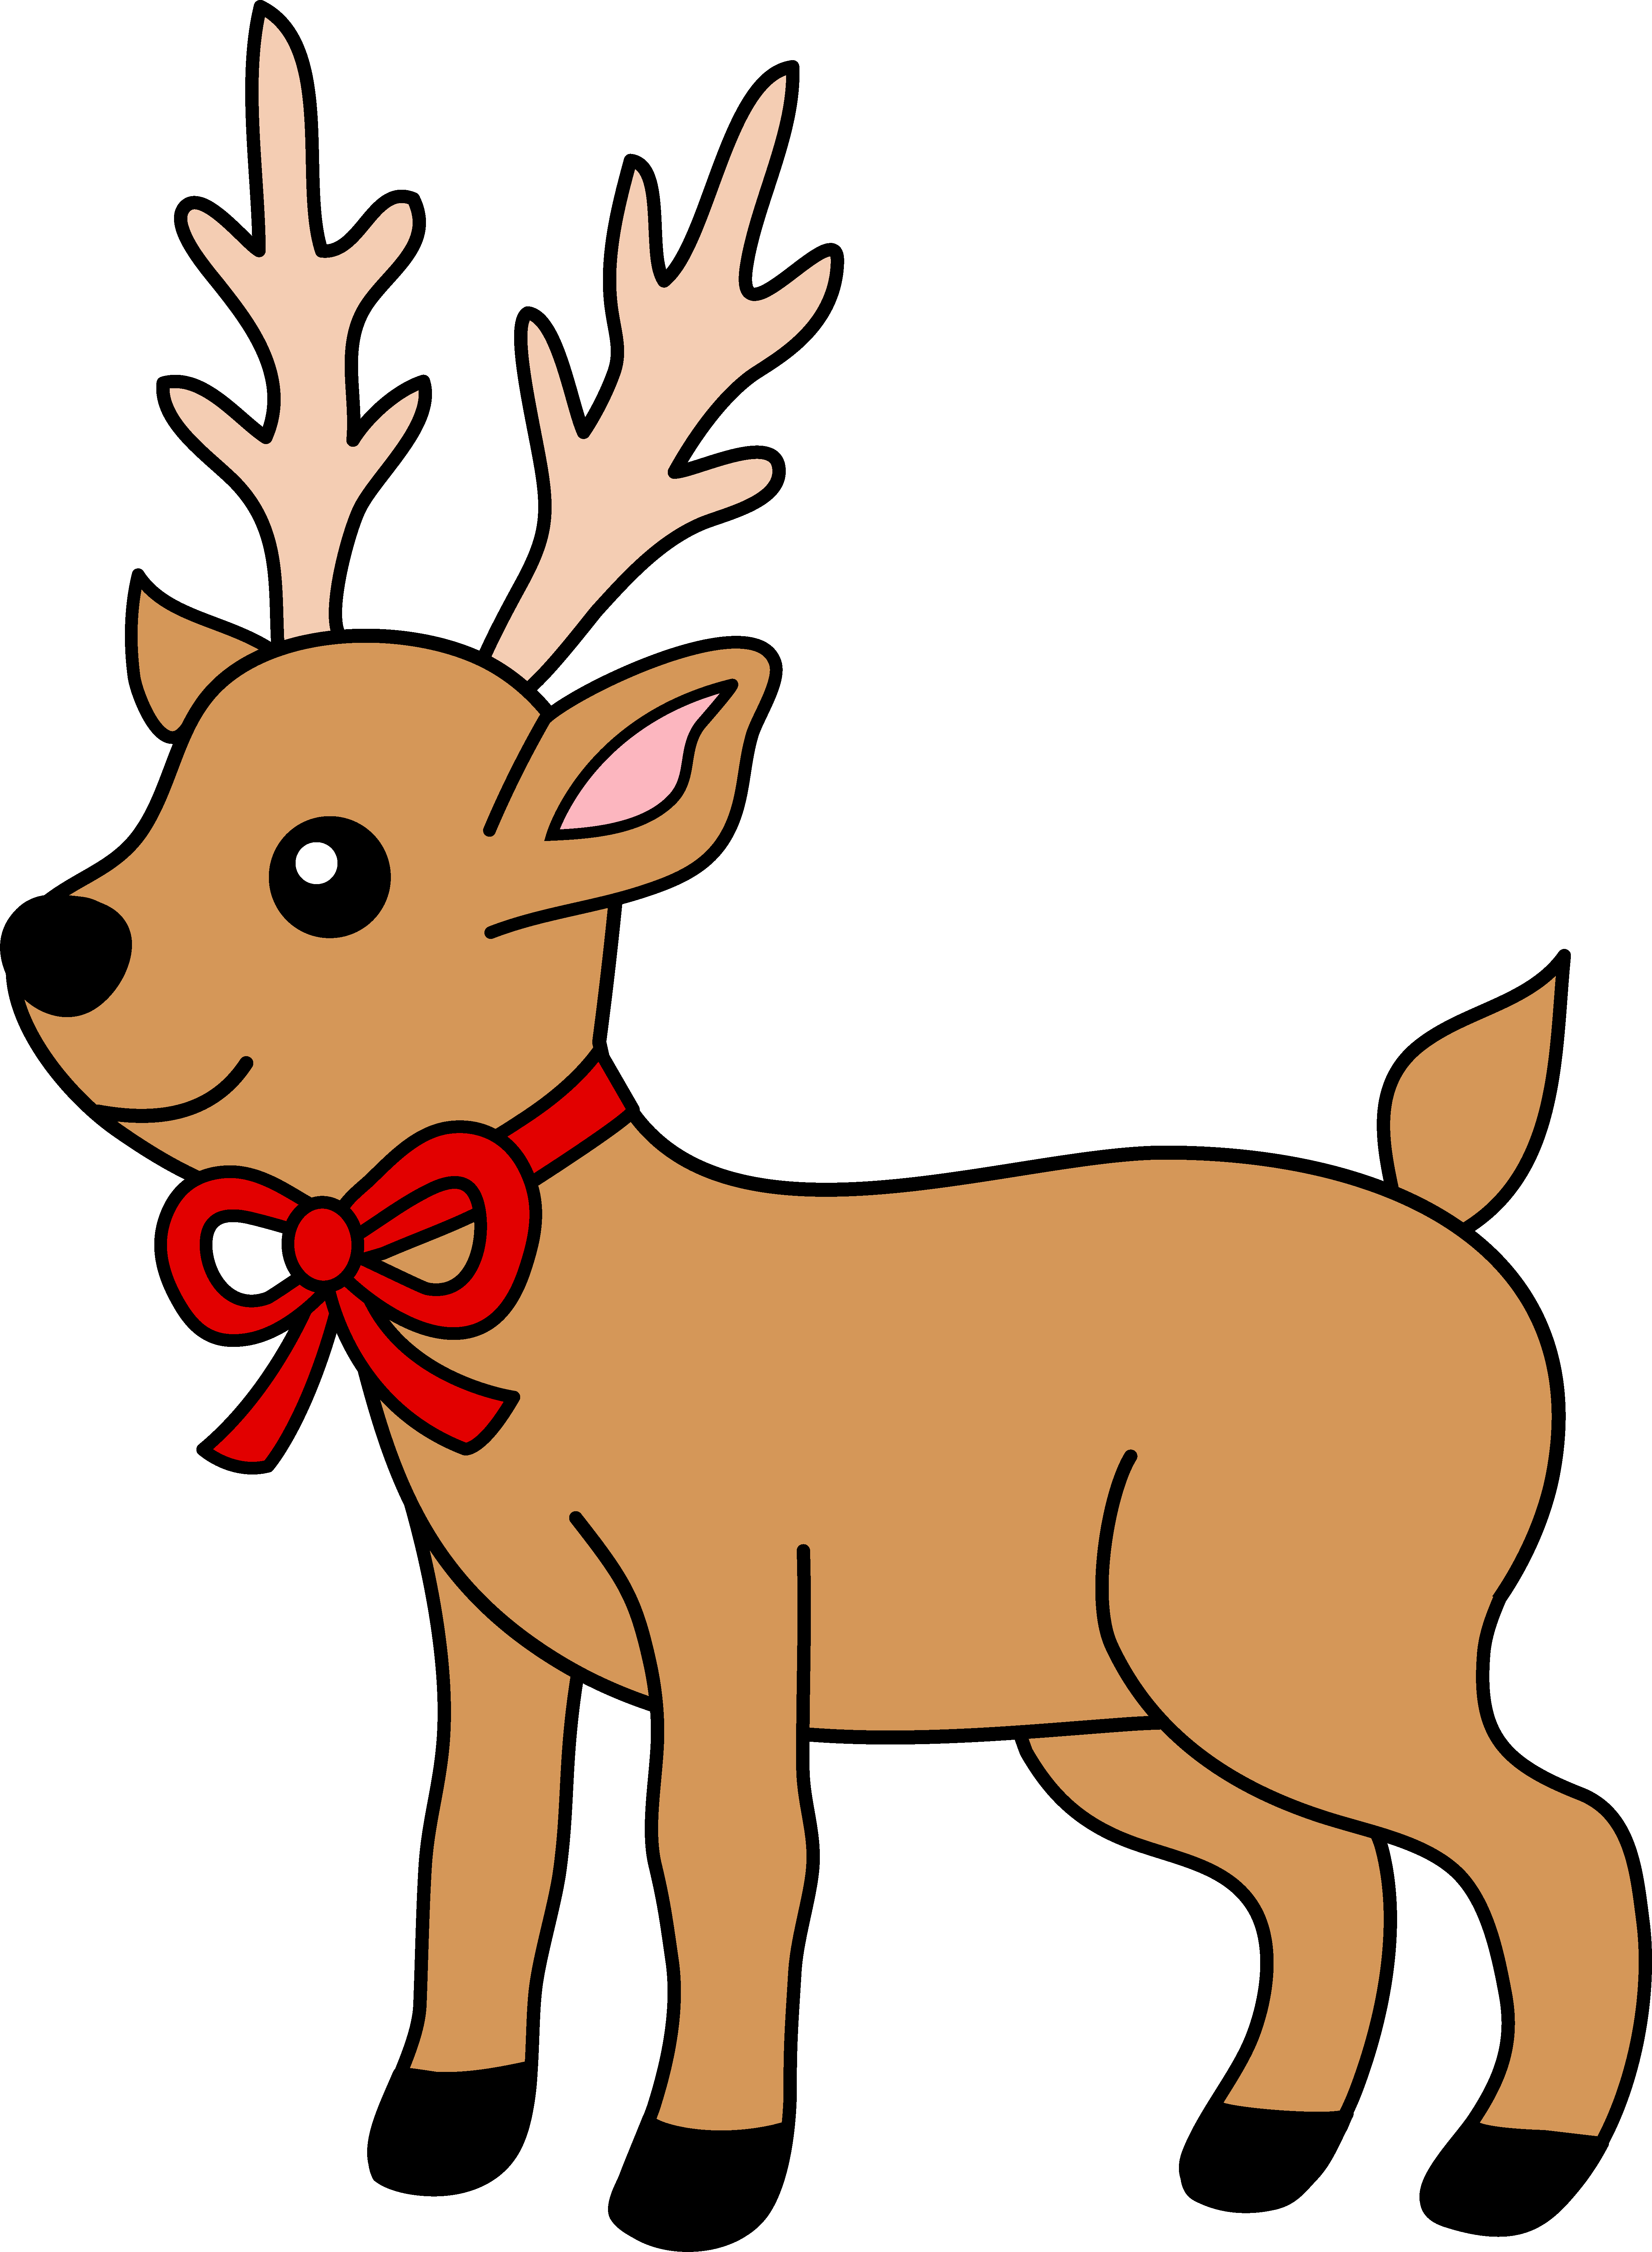 Christmass reindeer. Christmas clipart clipartlook